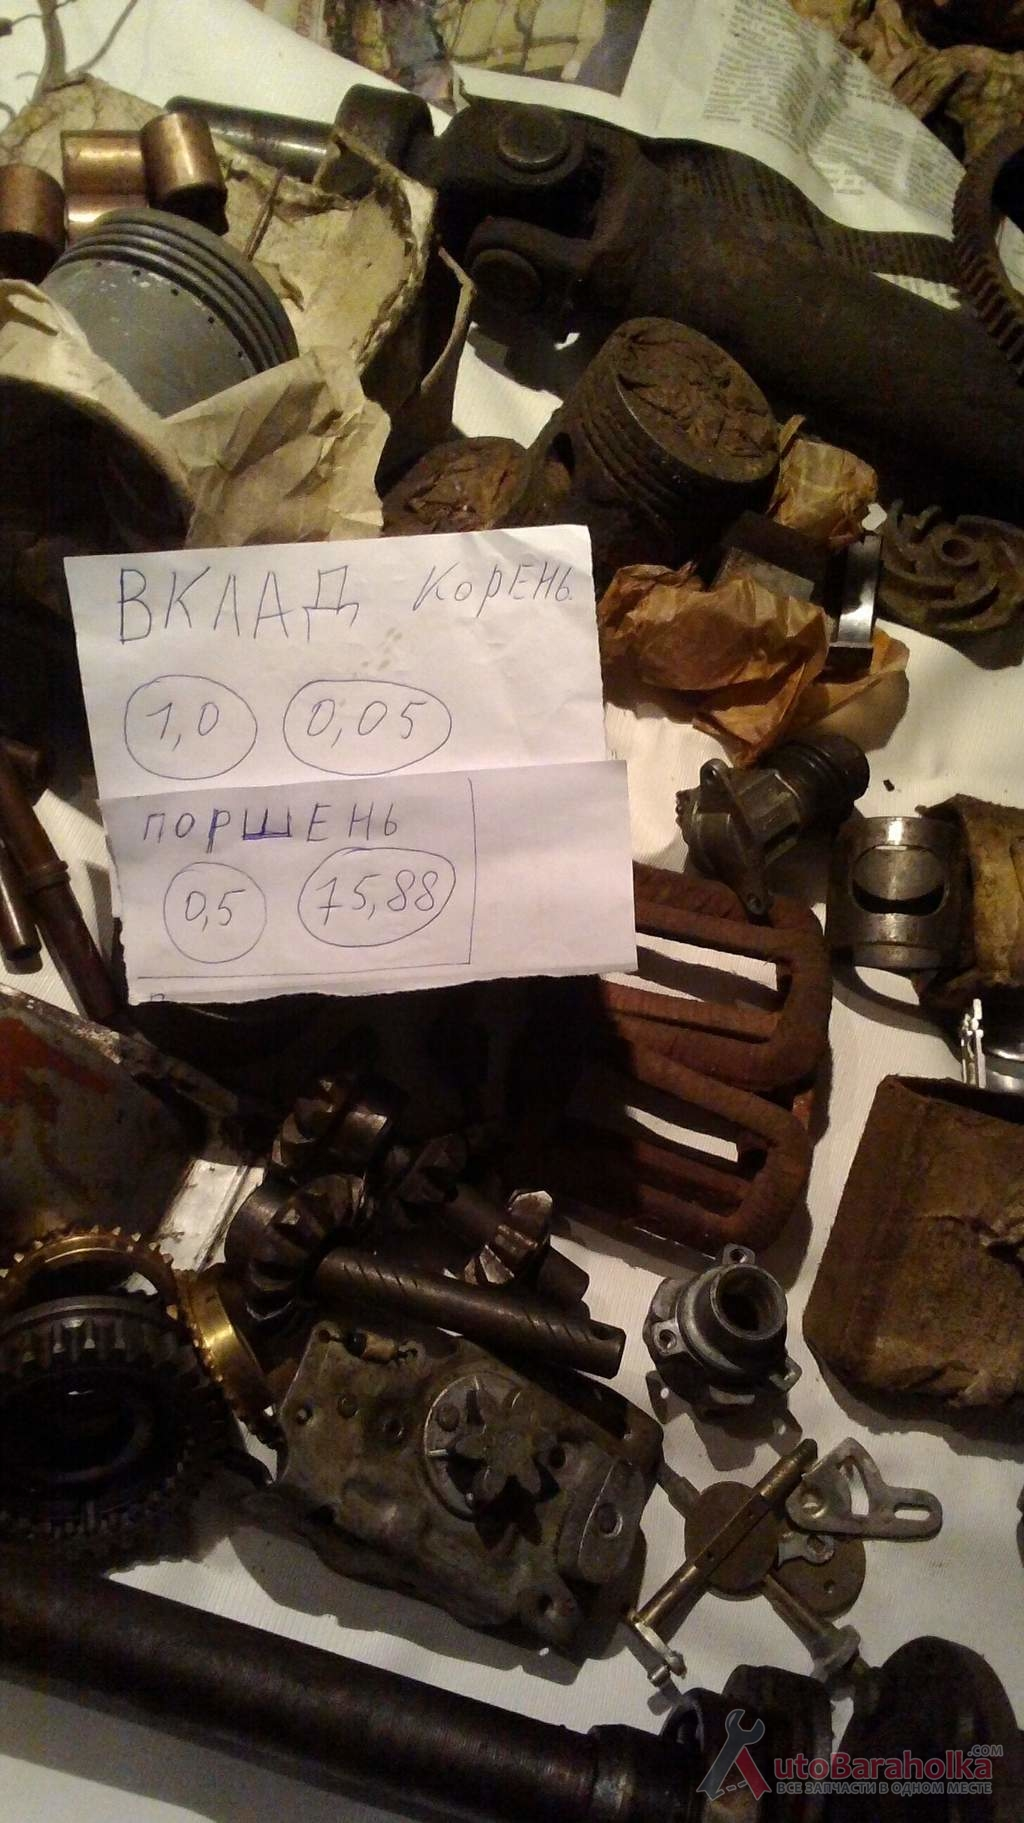 Продам М-407 Поршня 75.88 Киев